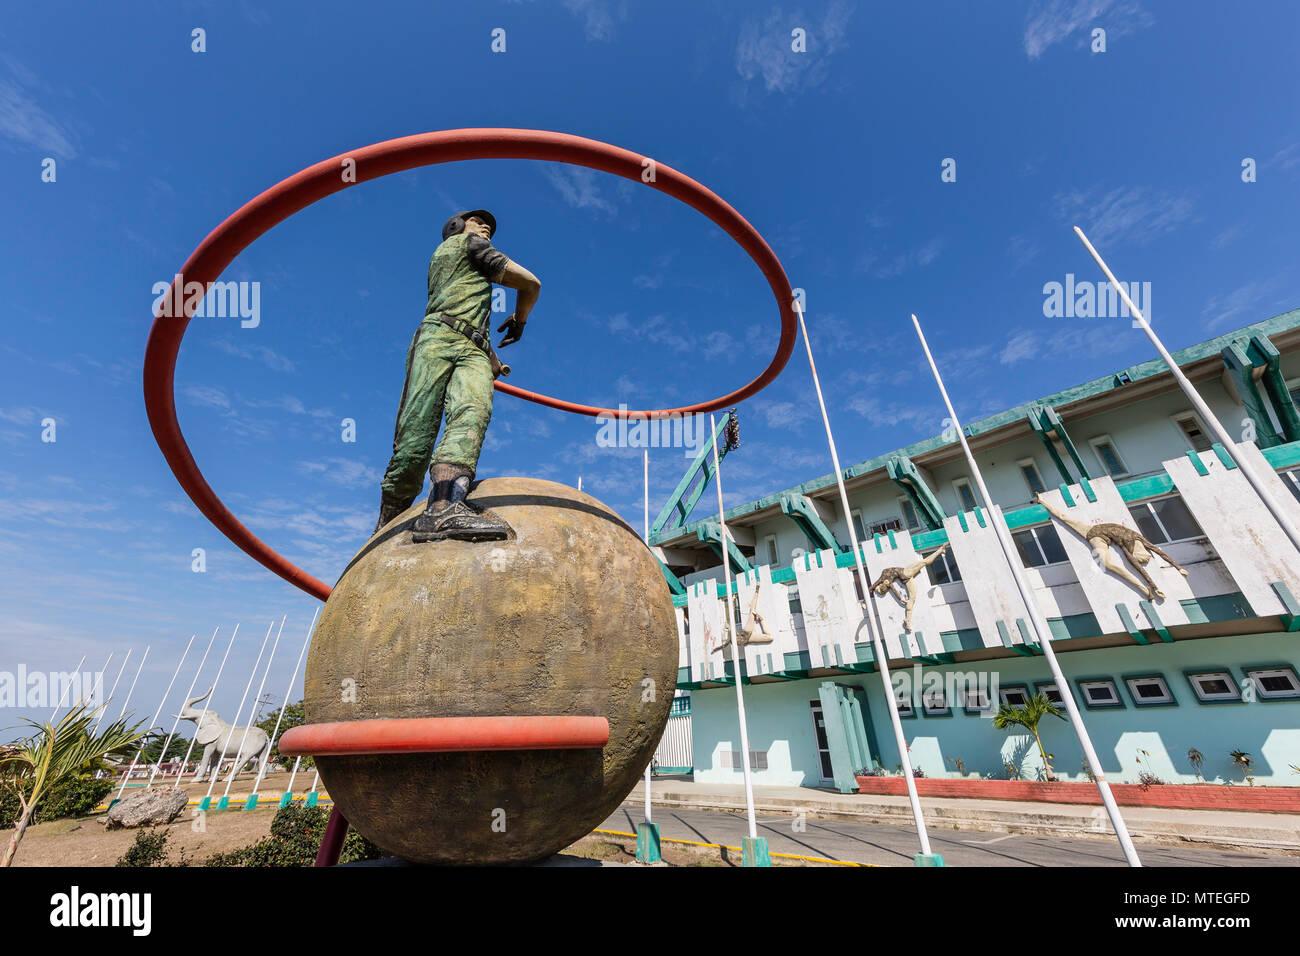 The Academia Provincial de Beisbol stadium in Cienfuegos, Cuba. - Stock Image